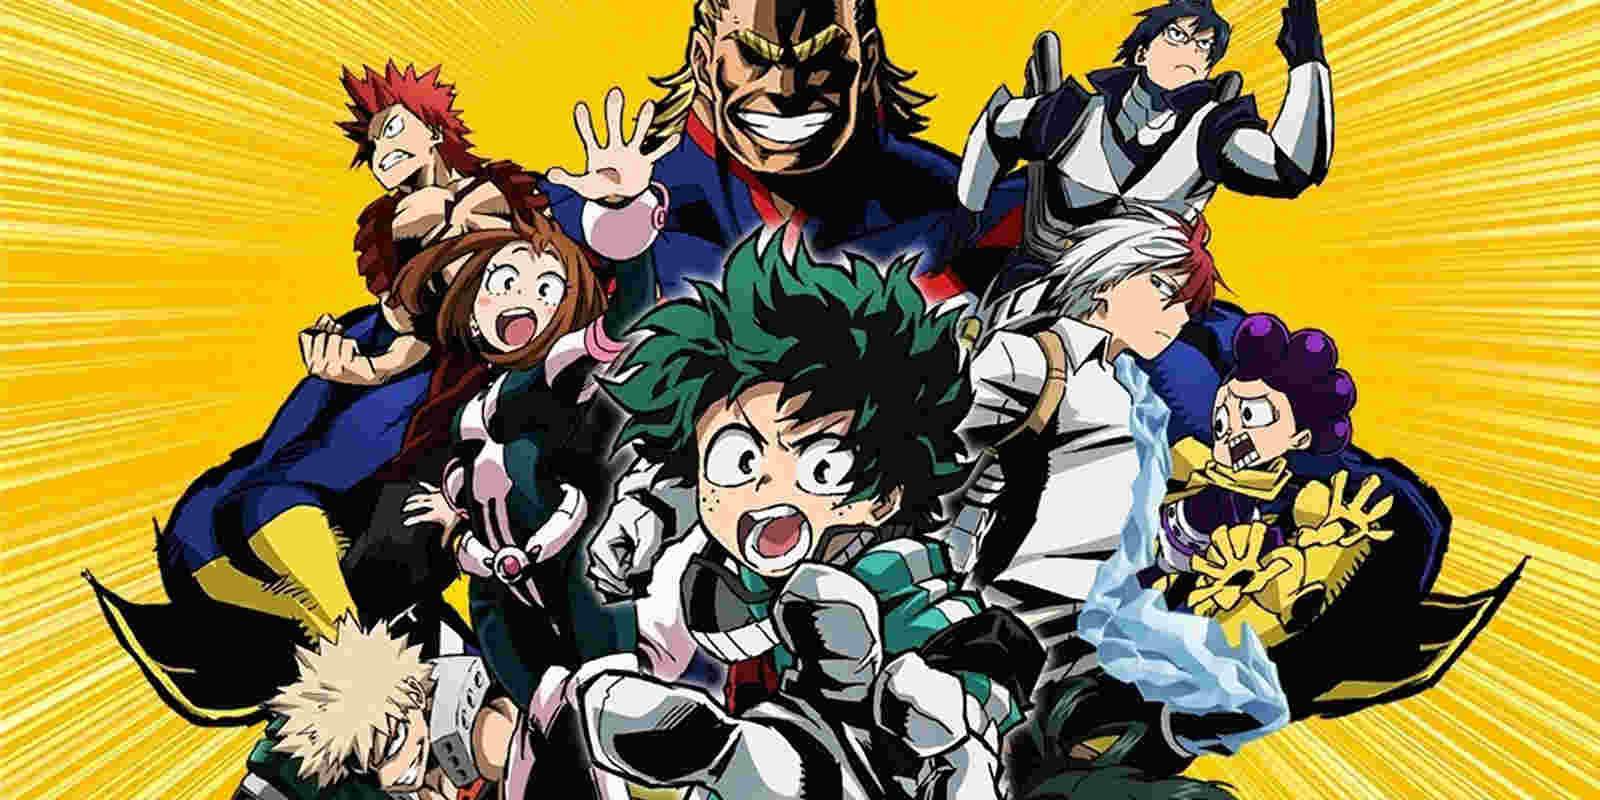 Daftar 10 Anime Paling Populer Tahun 2020, Sudah Nonton? 6